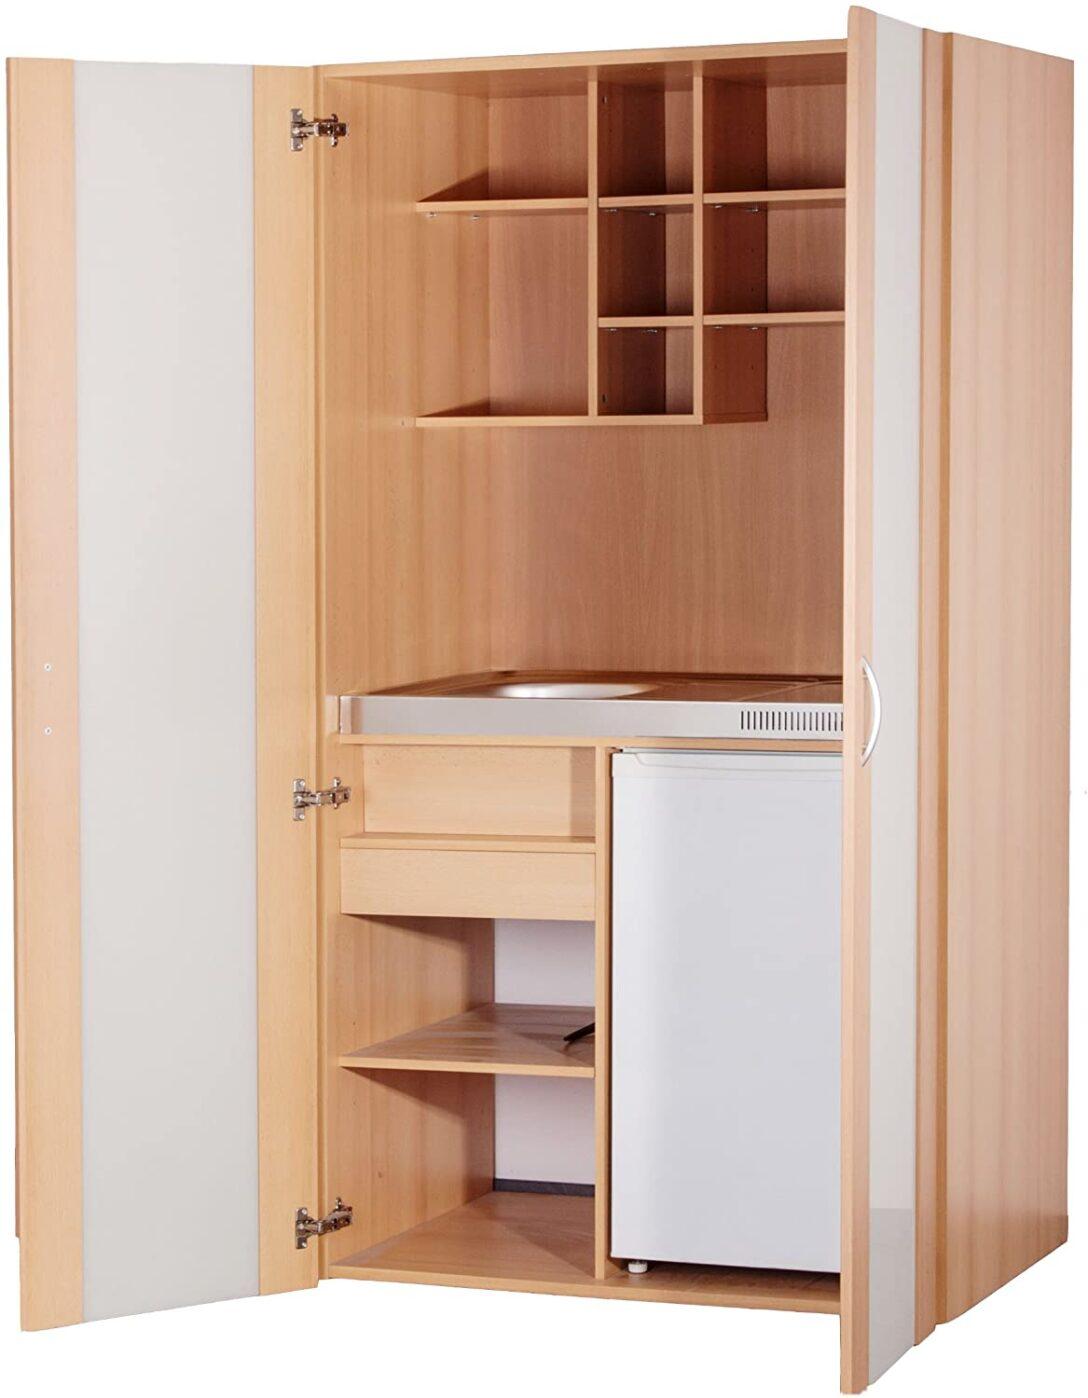 Large Size of Pantryküche Ikea Mk0009s Kche Mit Kühlschrank Miniküche Küche Kosten Modulküche Betten Bei Sofa Schlaffunktion Kaufen 160x200 Wohnzimmer Pantryküche Ikea